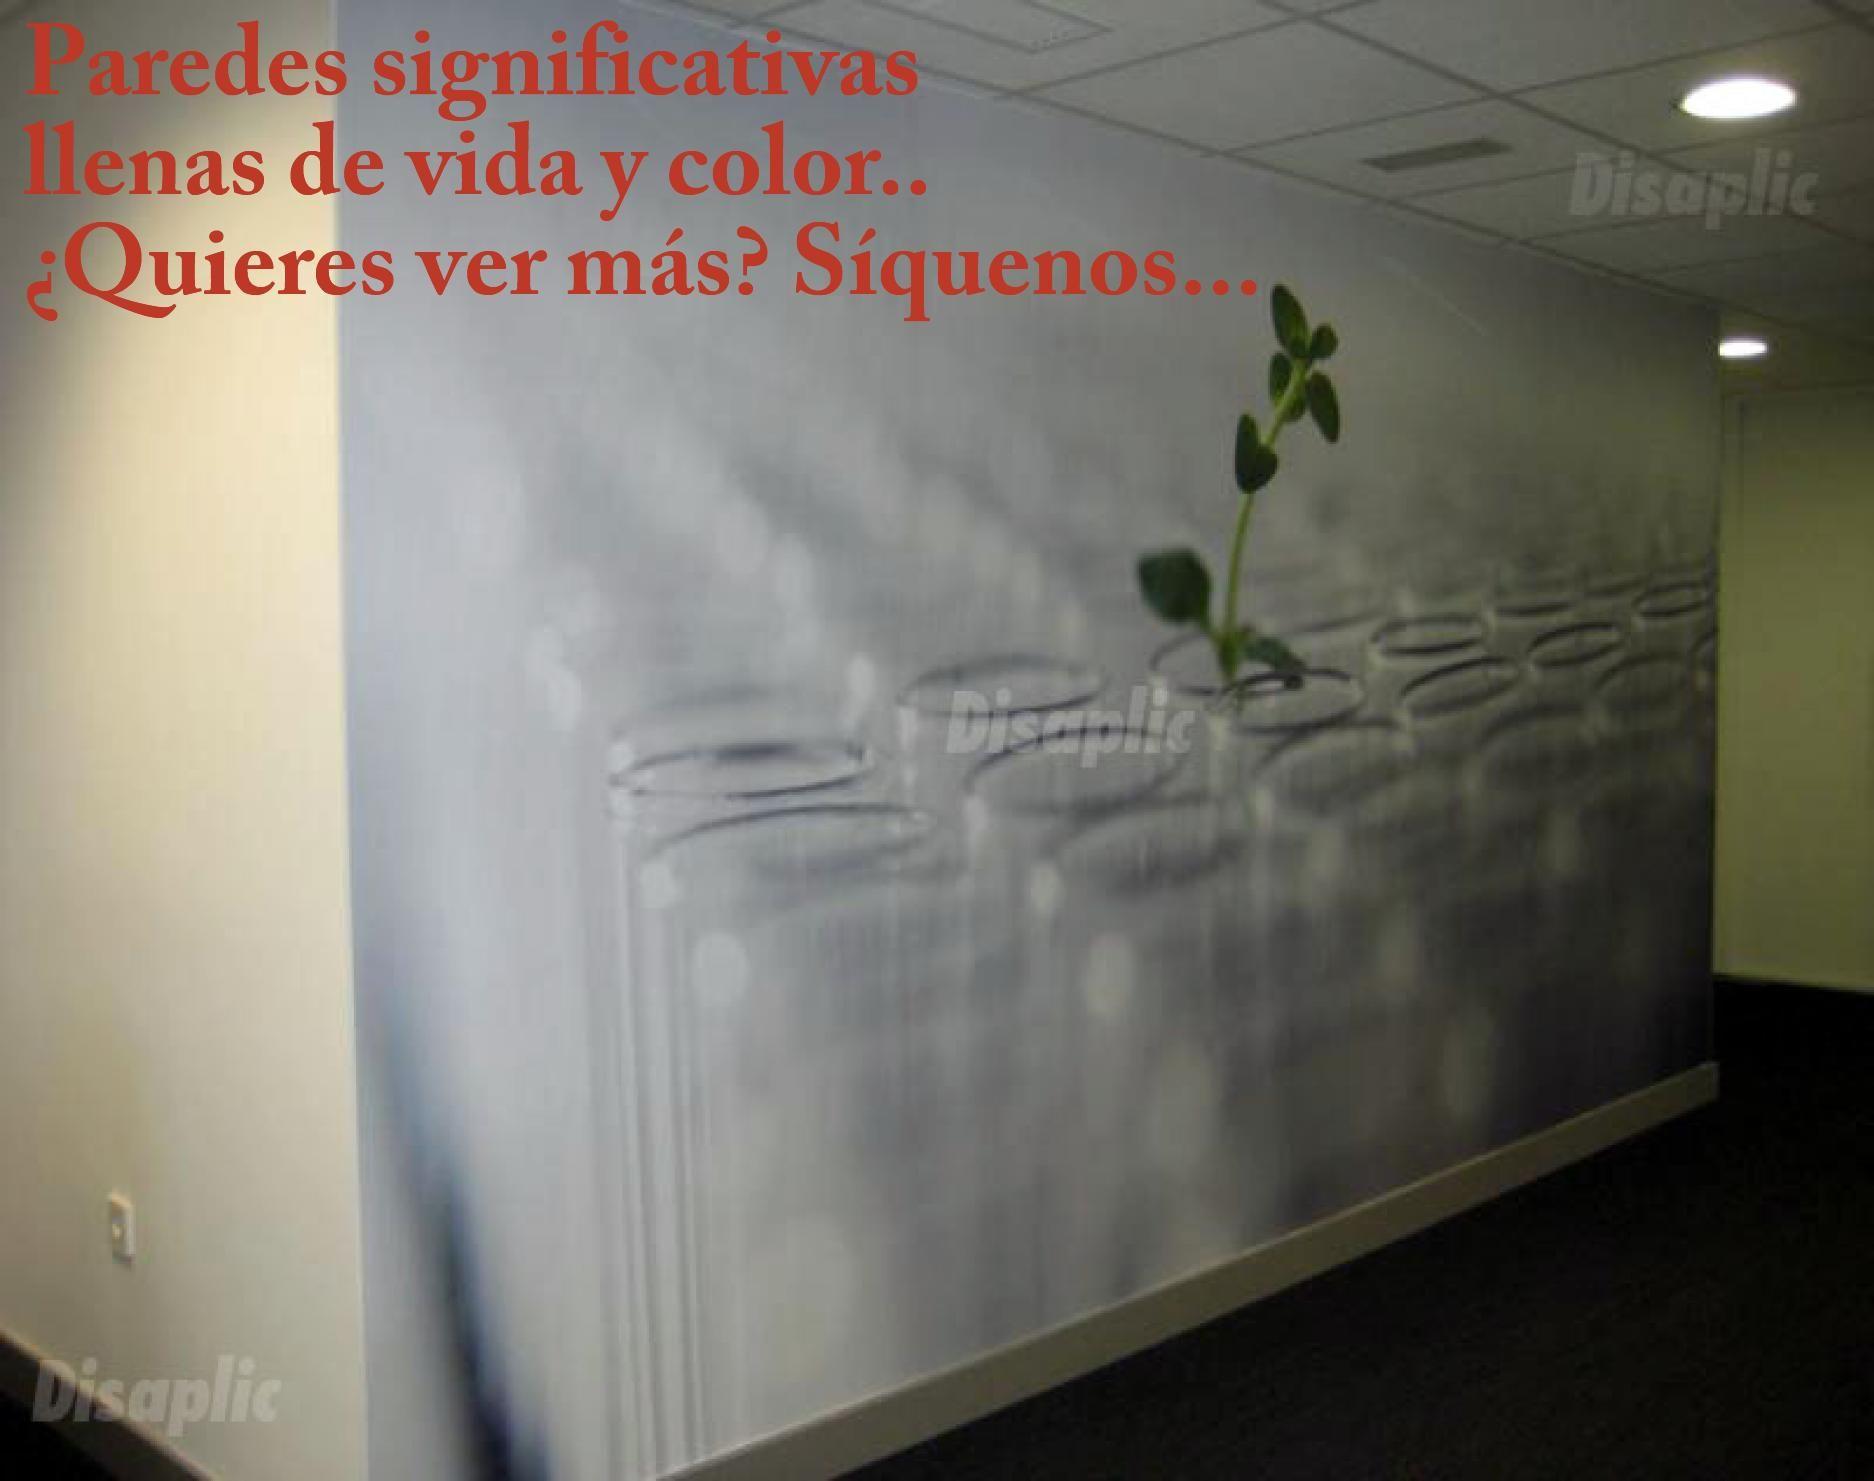 Imagen desarrollada sobre pared